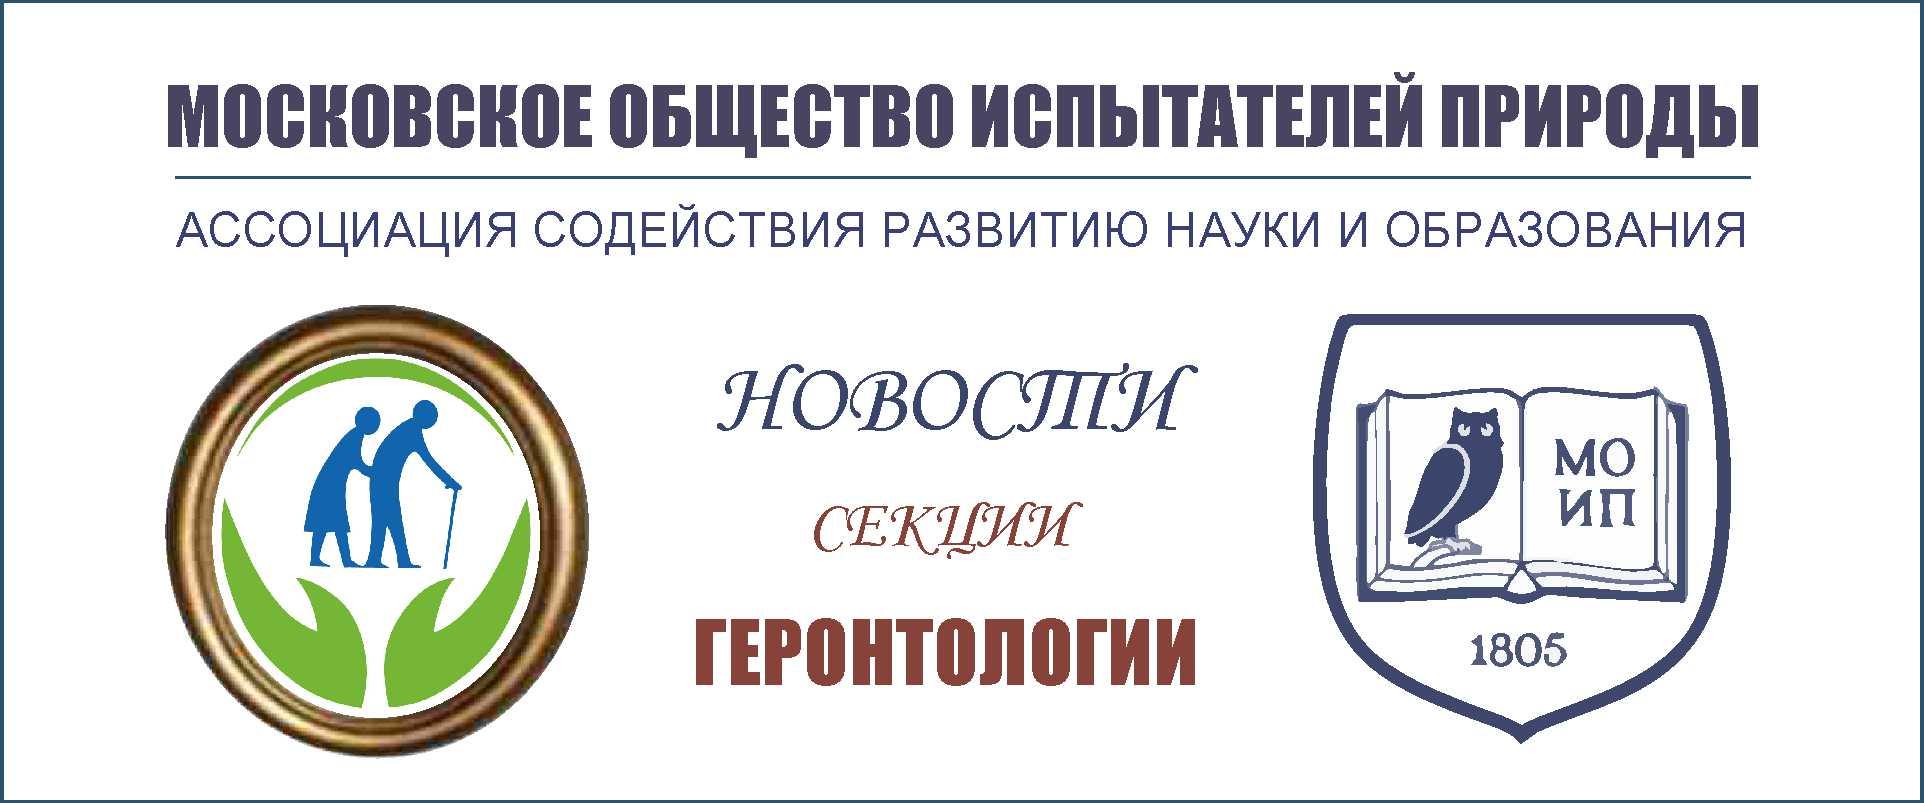 Новости секции геронтологии МОИП